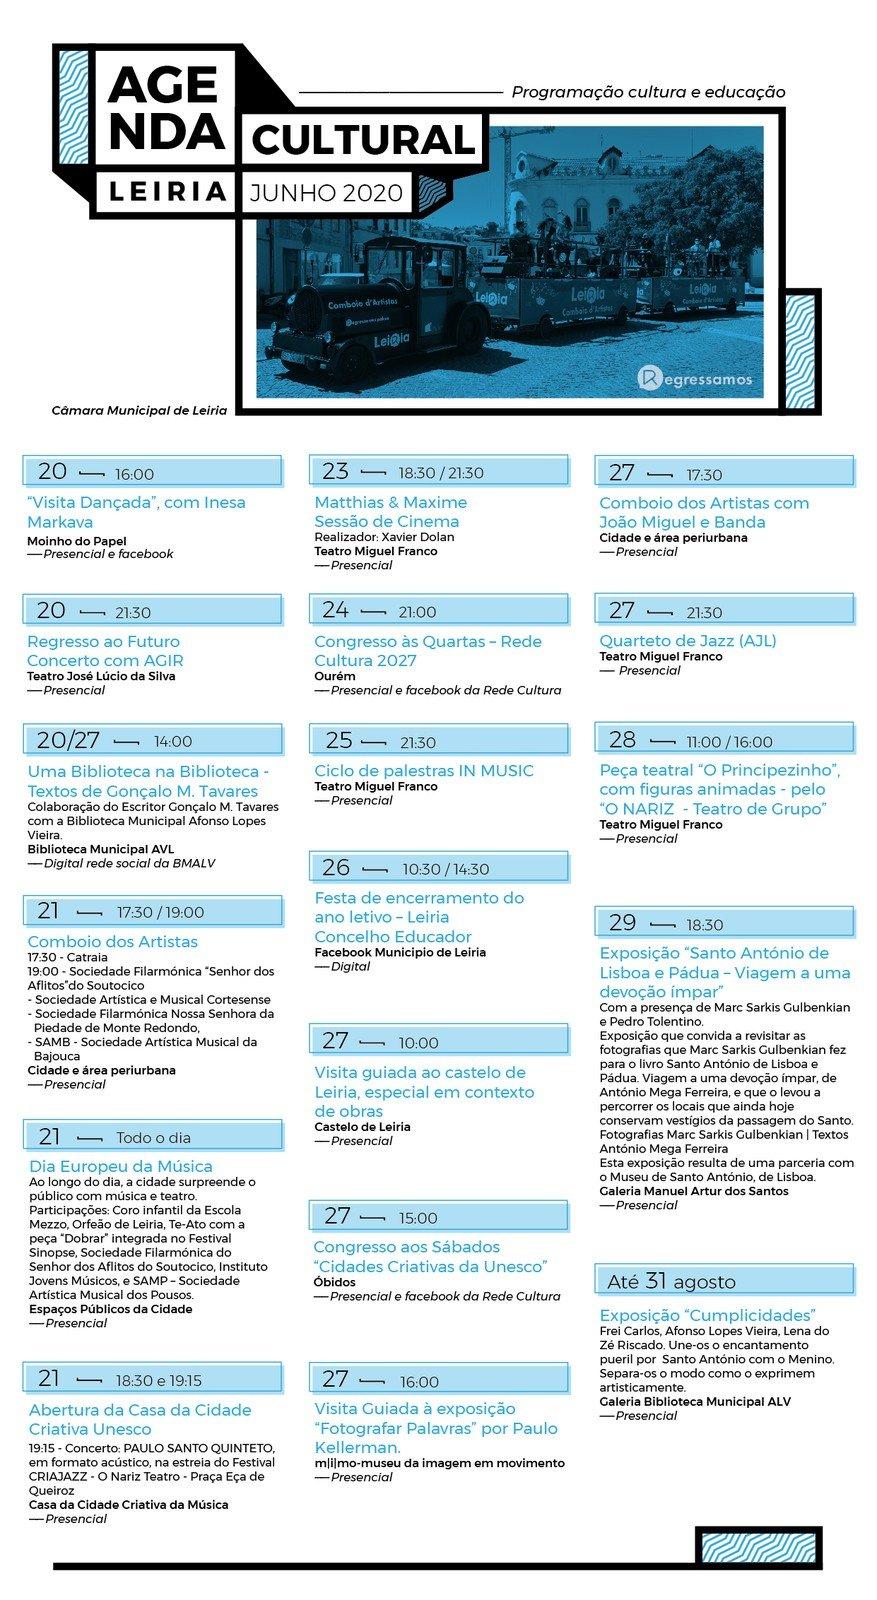 Agenda cultural de Leiria - junho